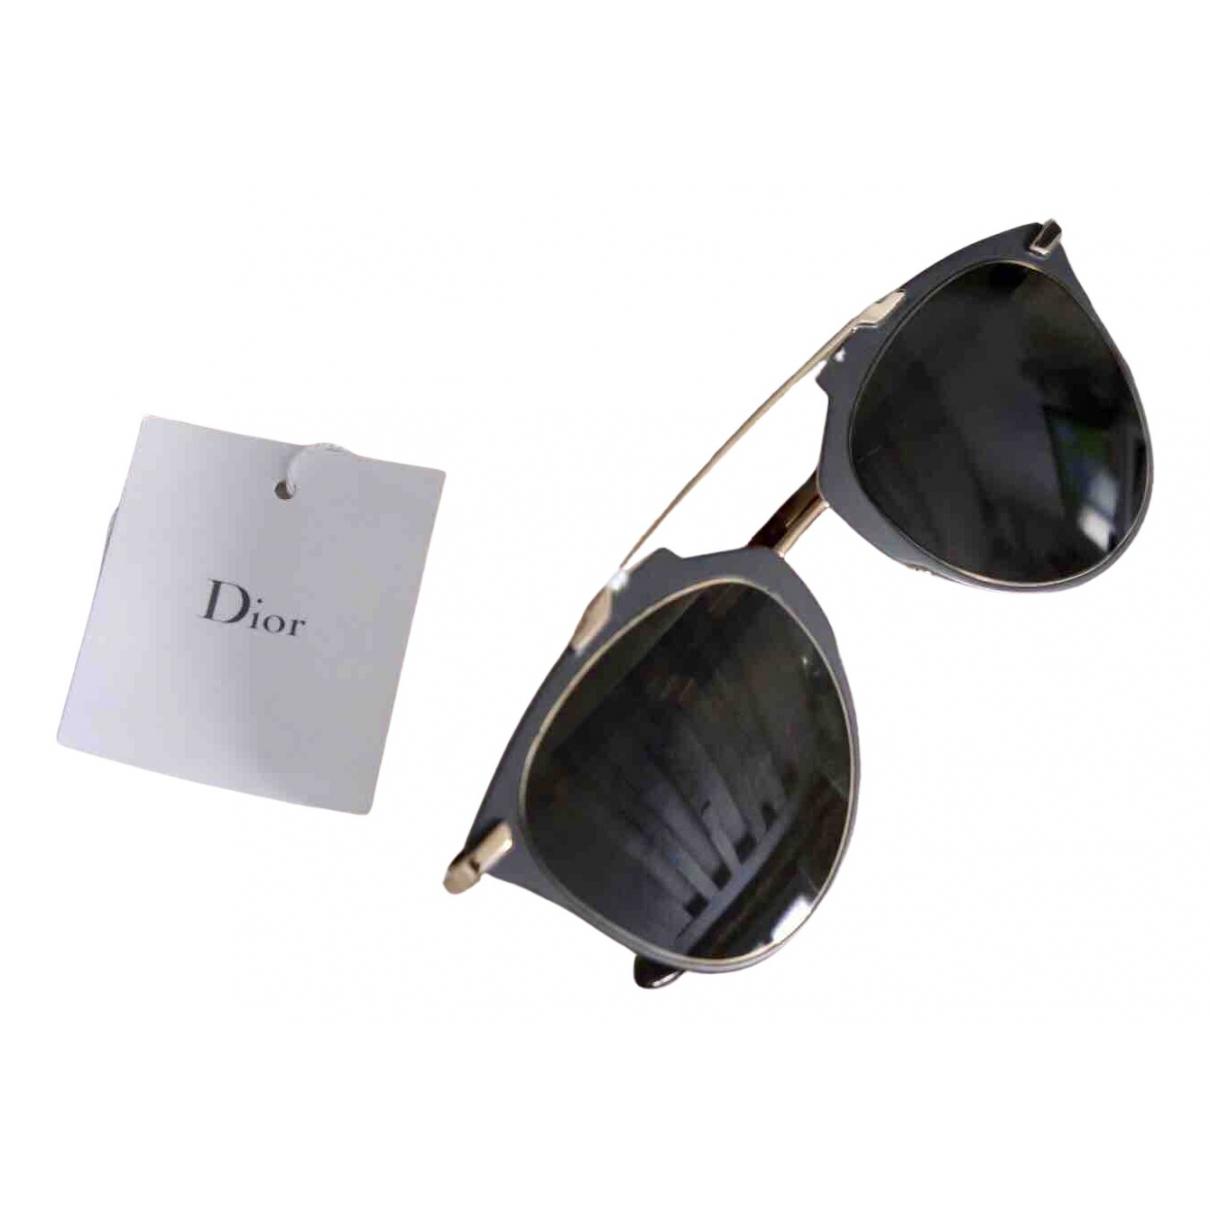 Dior - Lunettes Reflected pour femme en metal - gris